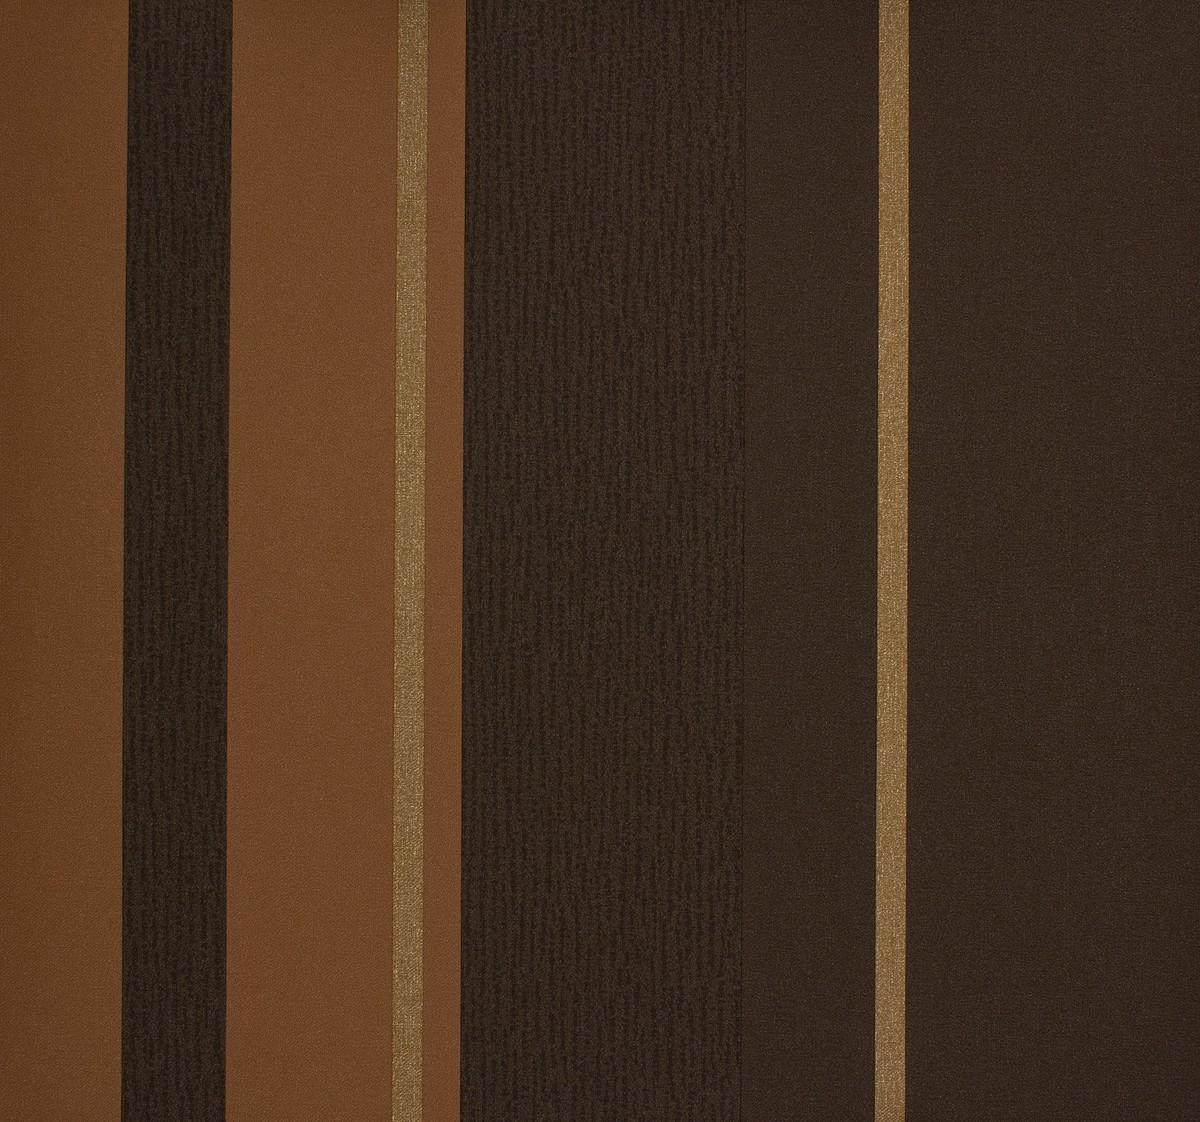 rasch tapete gentle elegance 725162 streifen braun kupfer gold. Black Bedroom Furniture Sets. Home Design Ideas